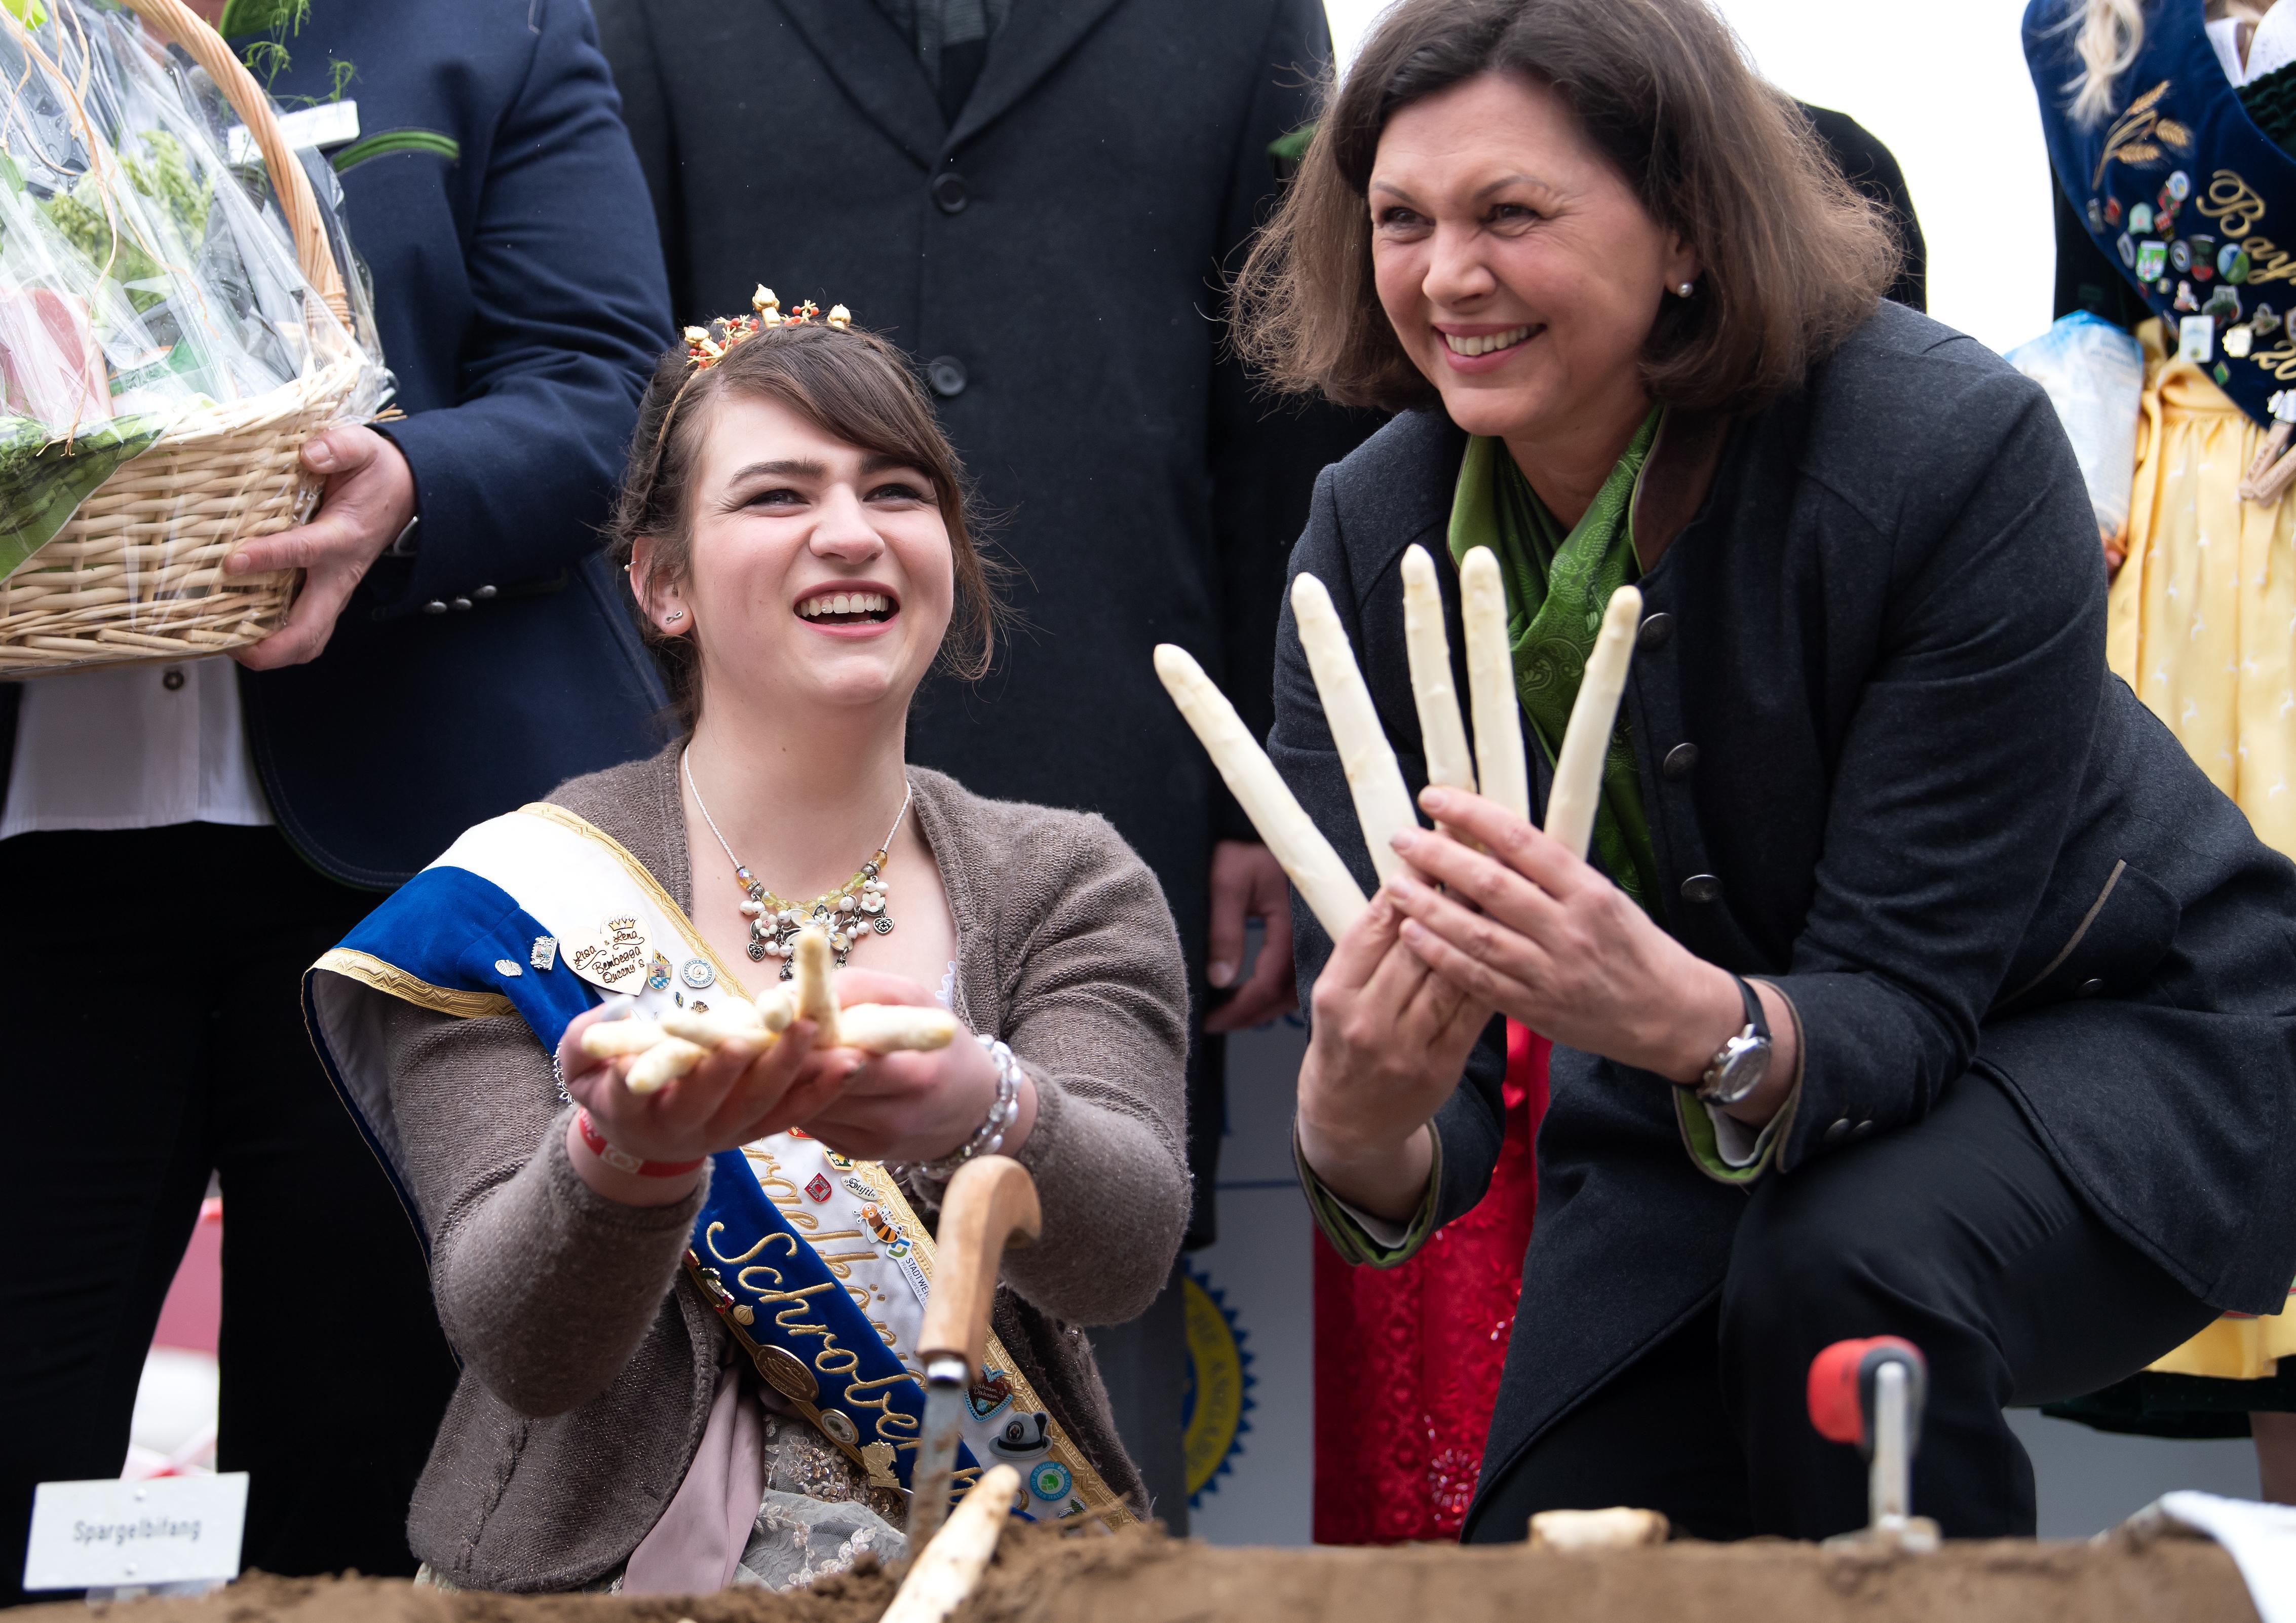 Eröffnung der Spargelsaison auf dem Viktualienmarkt: Ilse Aigner (r, CSU), Präsidentin des bayrischen Landtages, und Lena Hainzlmair, Spargelkönigin von Schrobenhausen